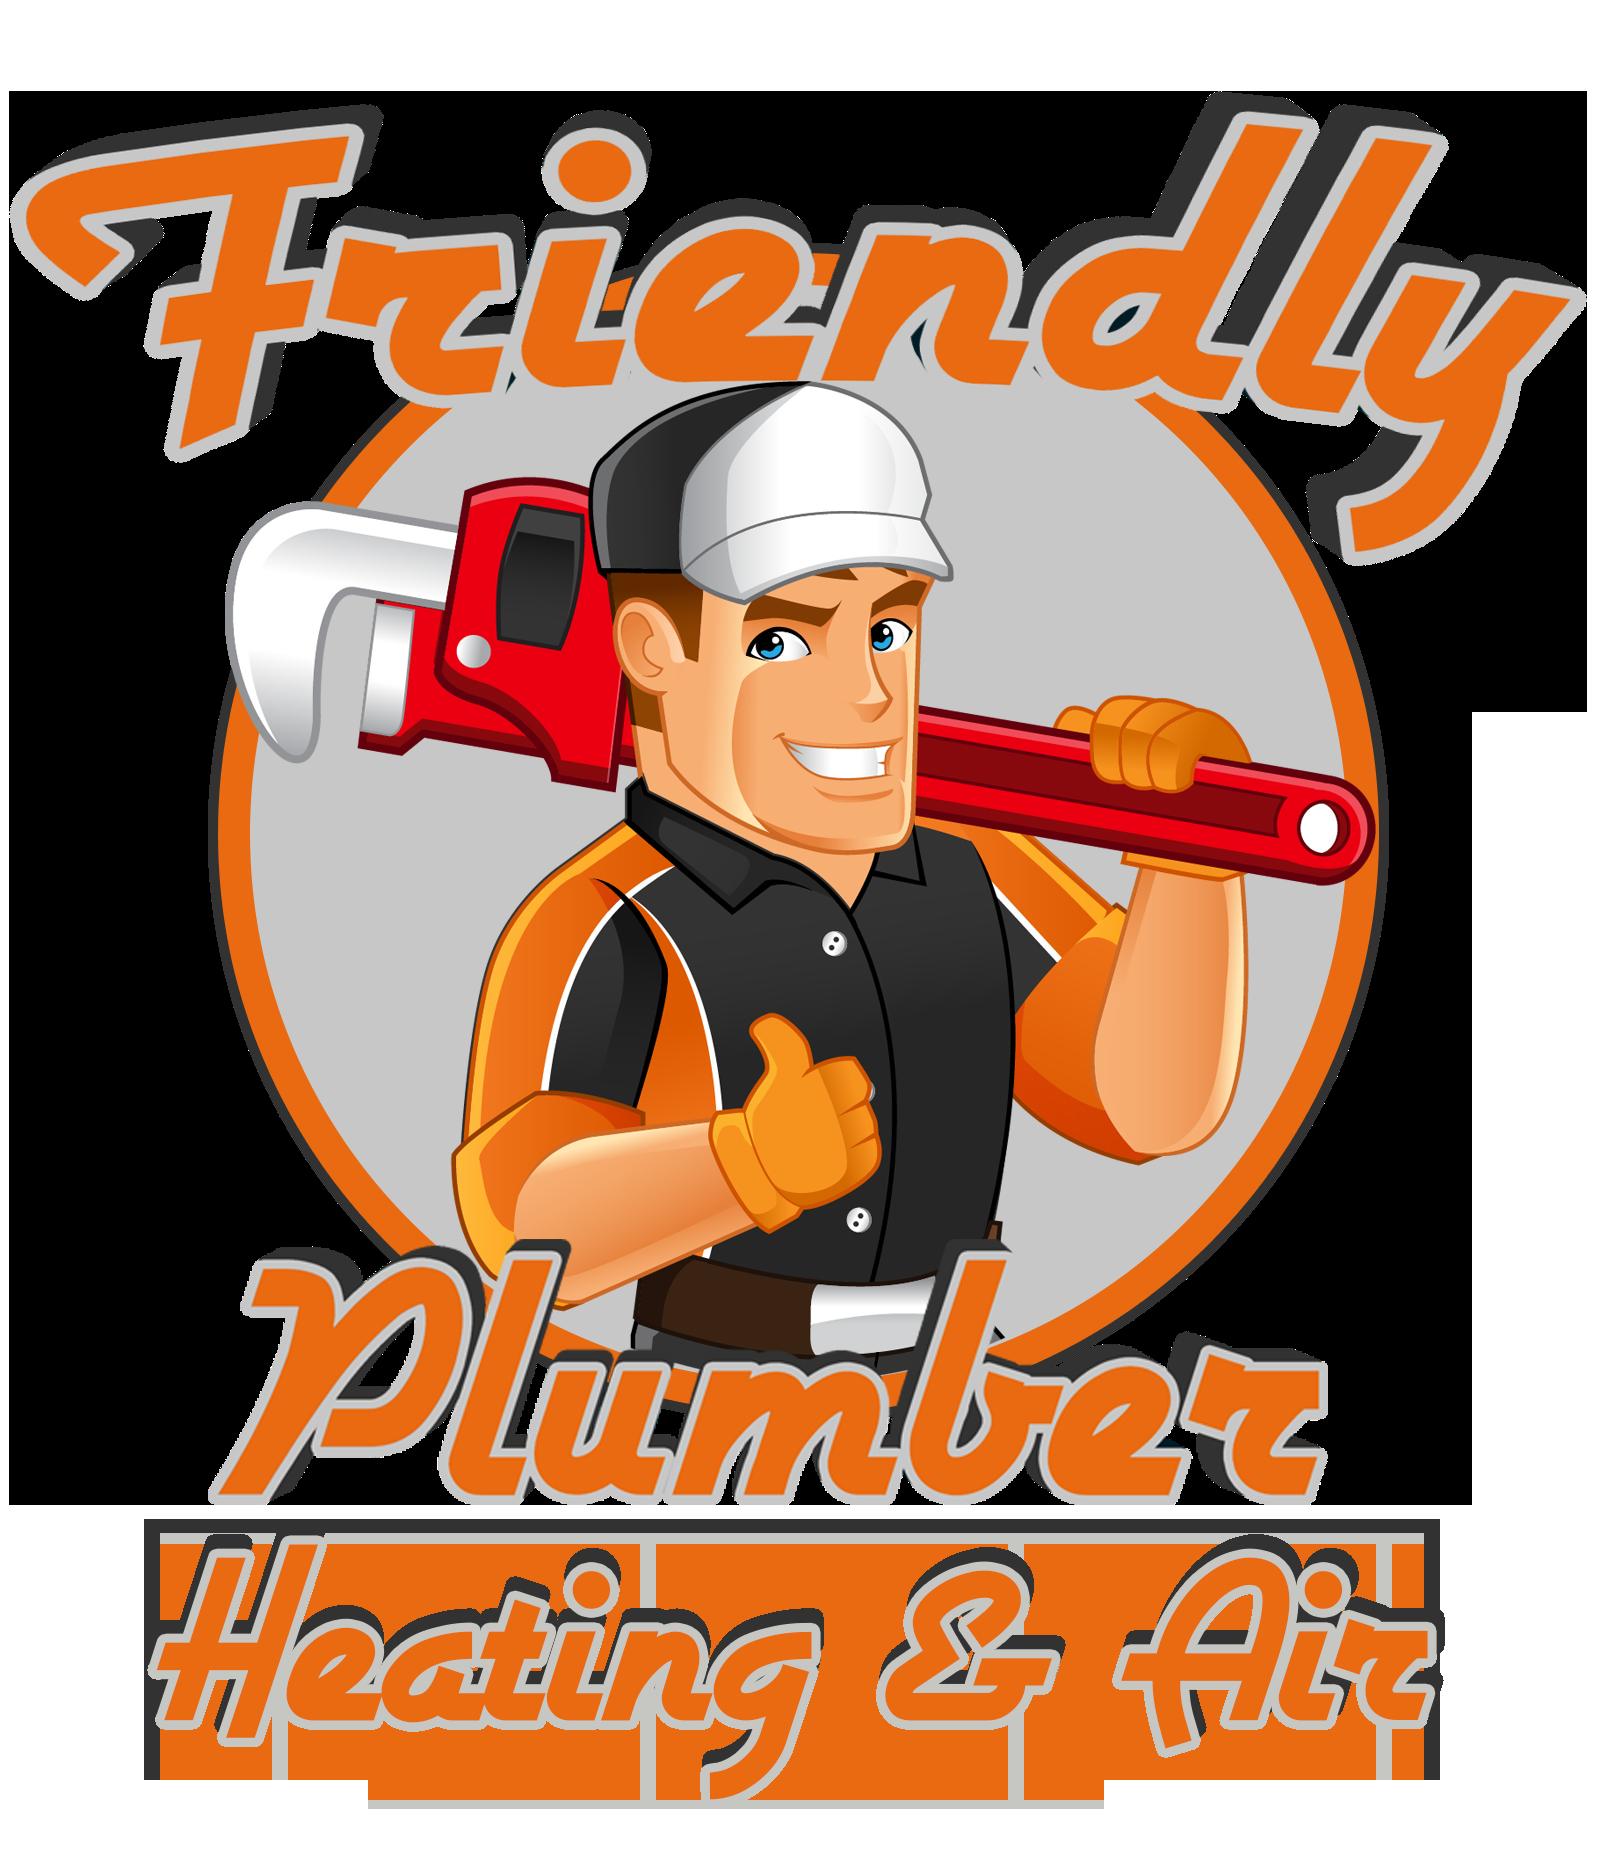 Plumber clipart plumbing heating. Friendly air better business